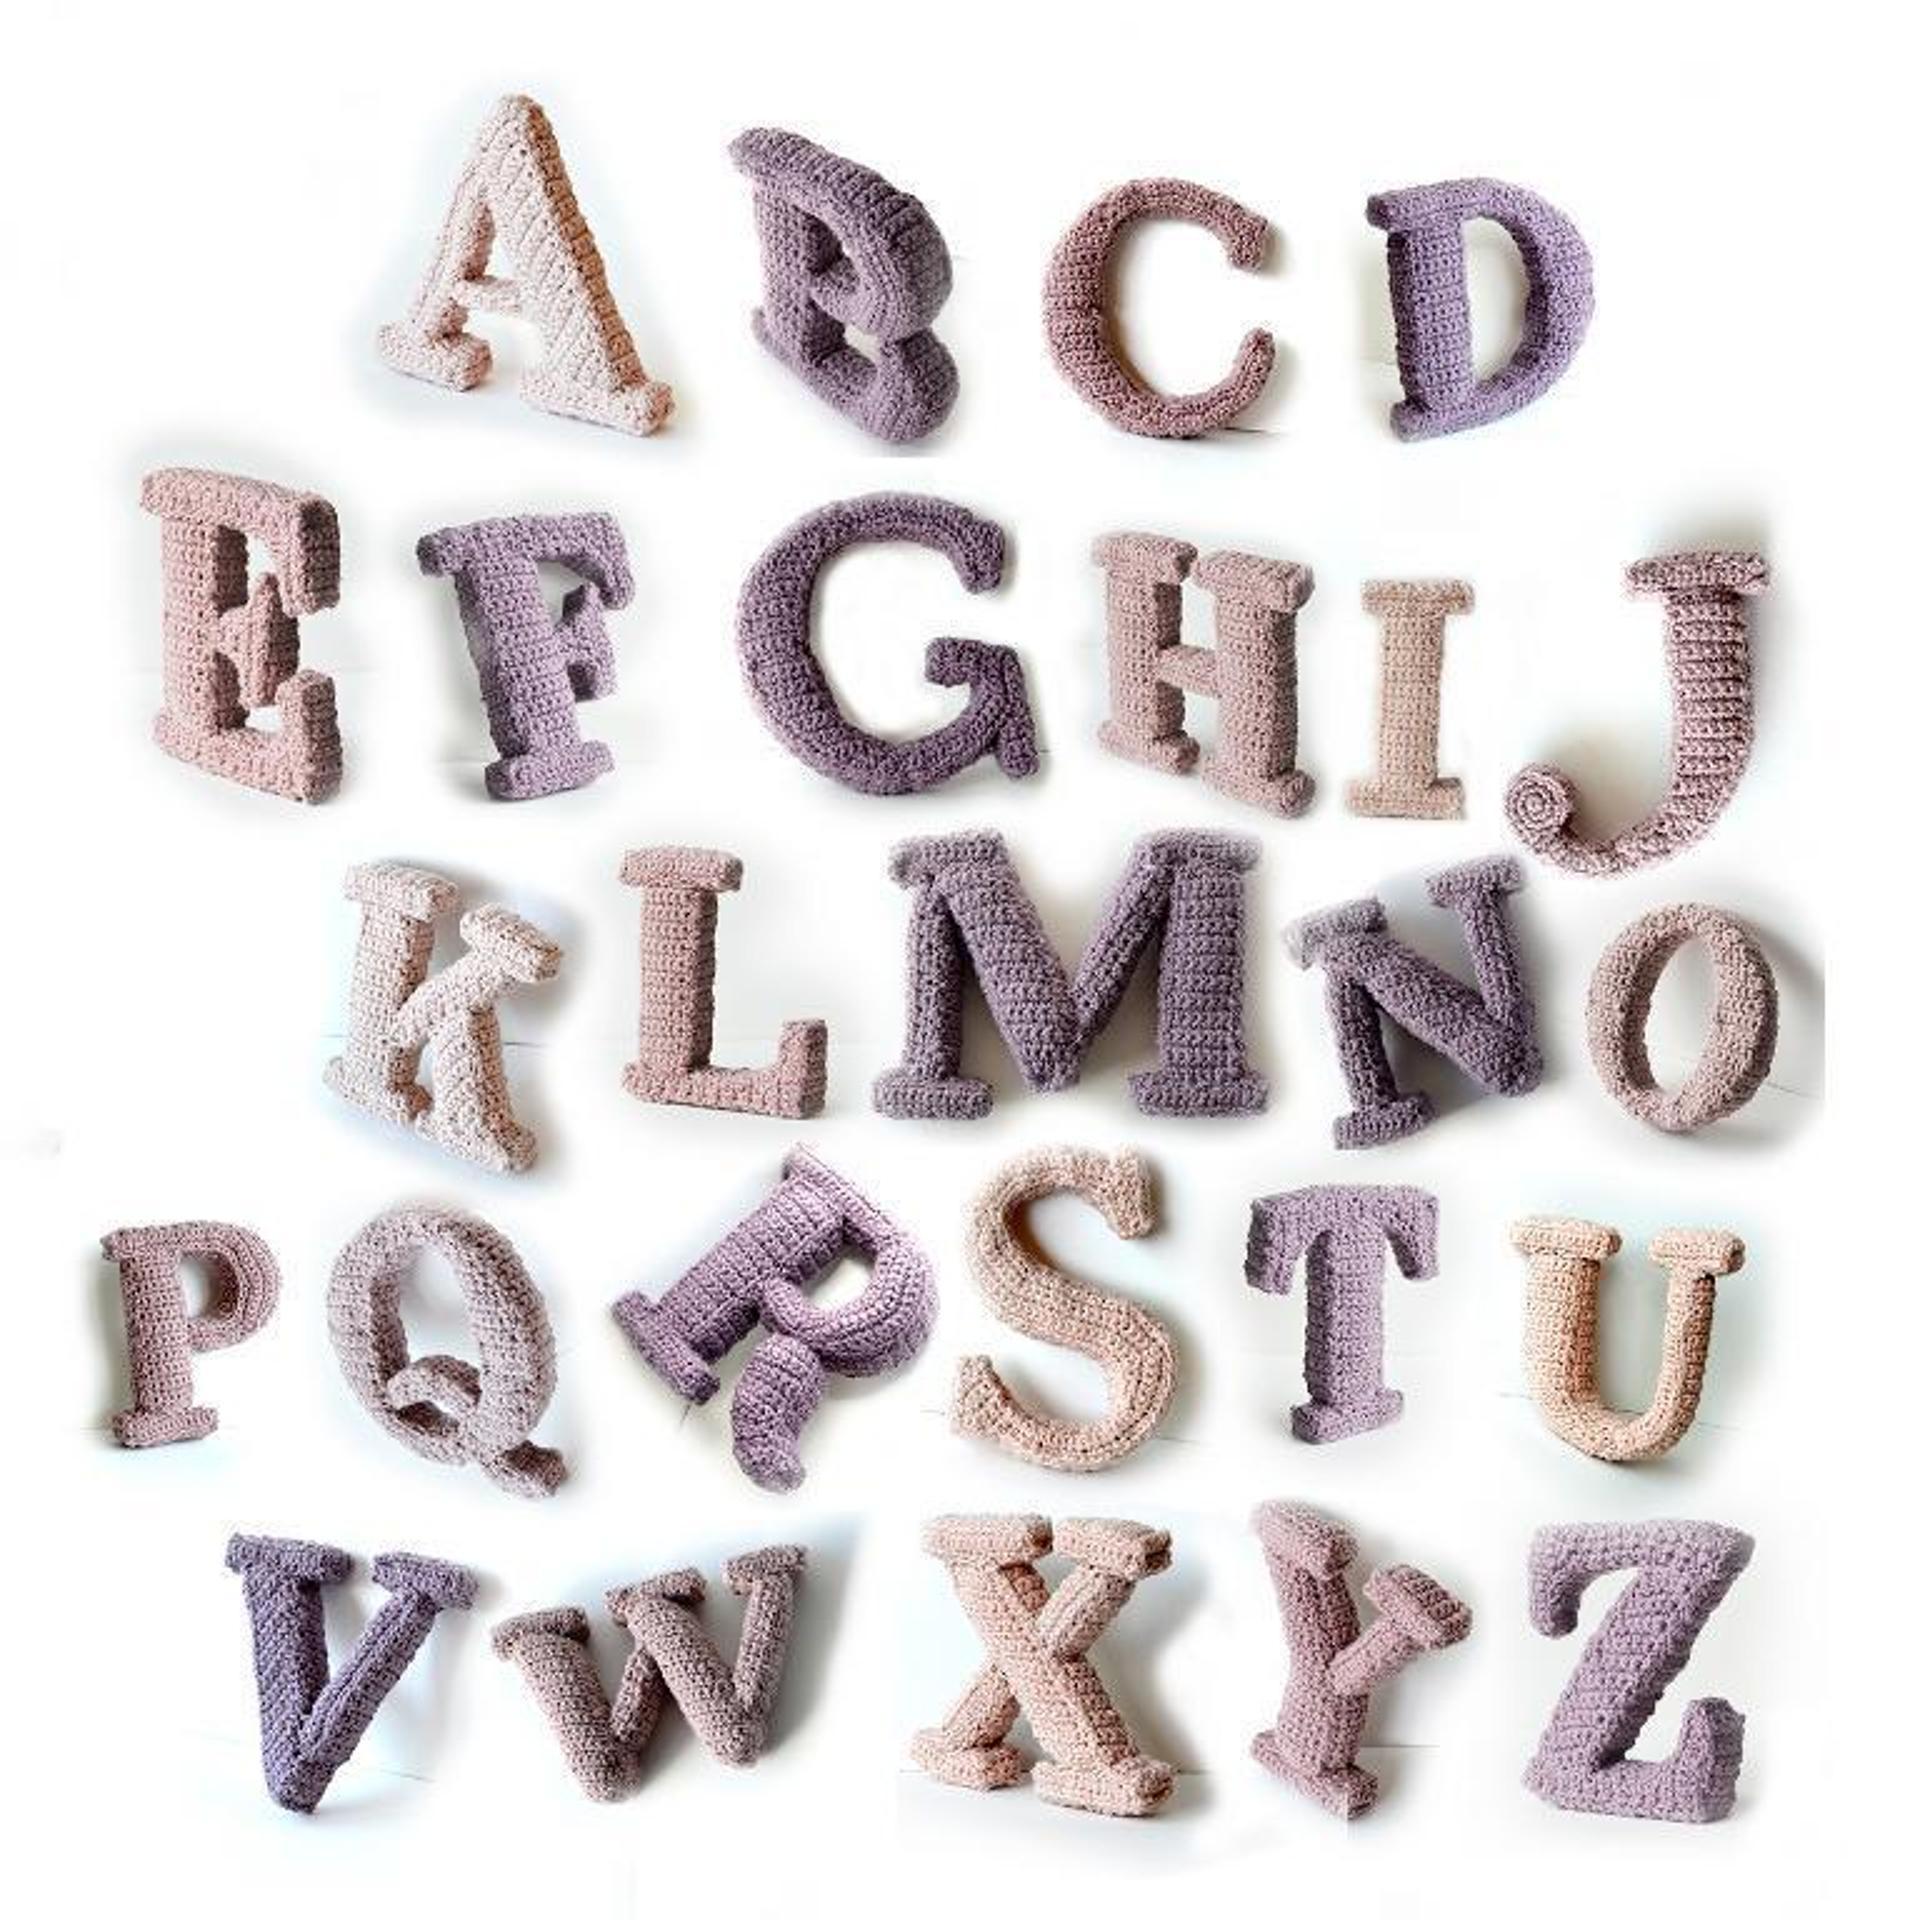 3d crochet alphabet pattern